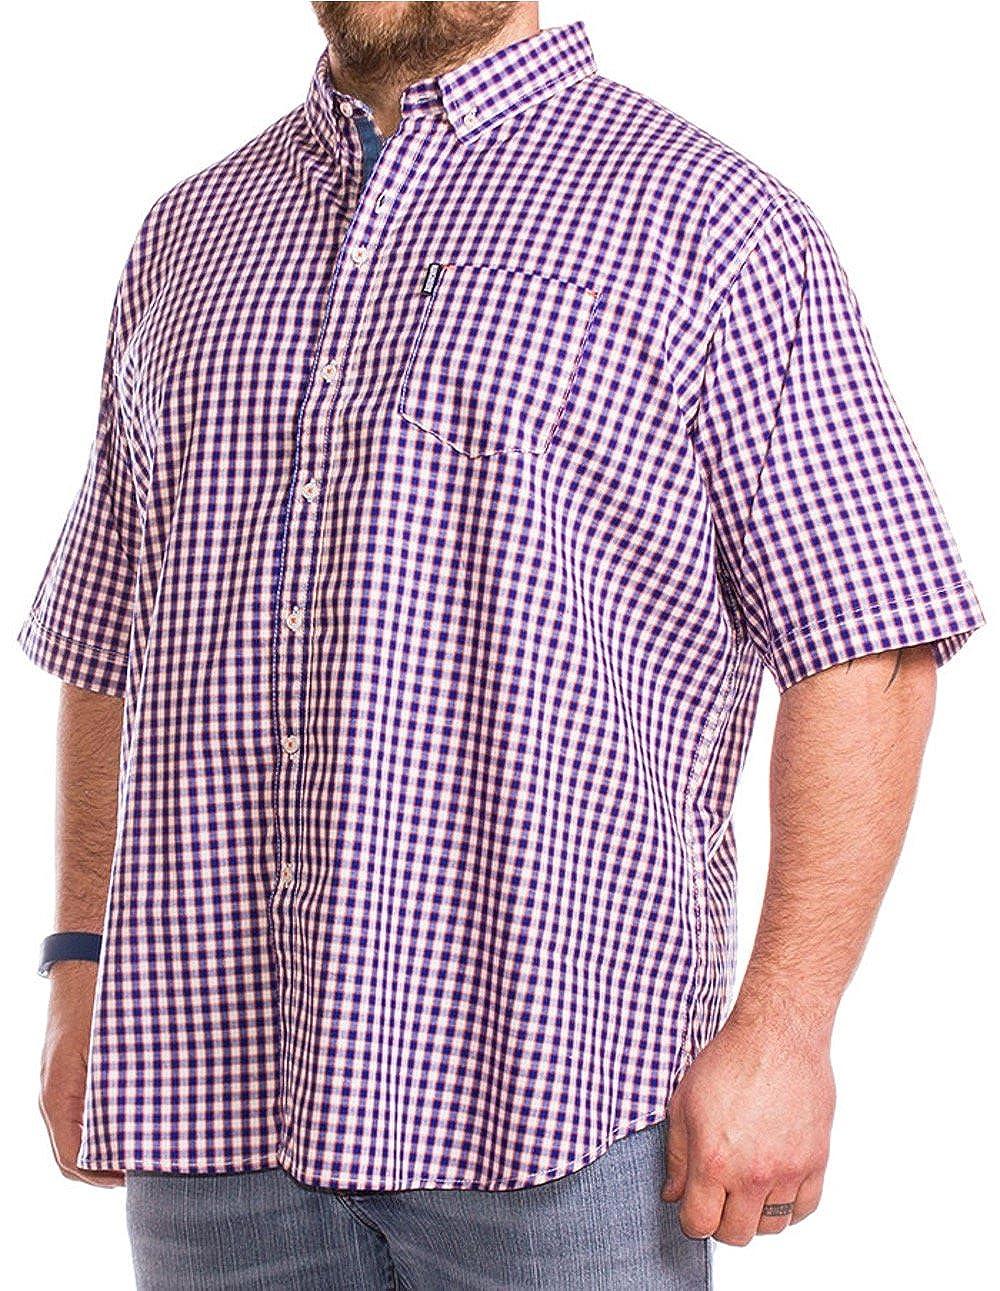 Lambretta Big para hombre bolígrafo naranja y azul check camiseta 2 X L 3 X L 4 X L 5 X L Azul azul XXXXX-Large: Amazon.es: Ropa y accesorios